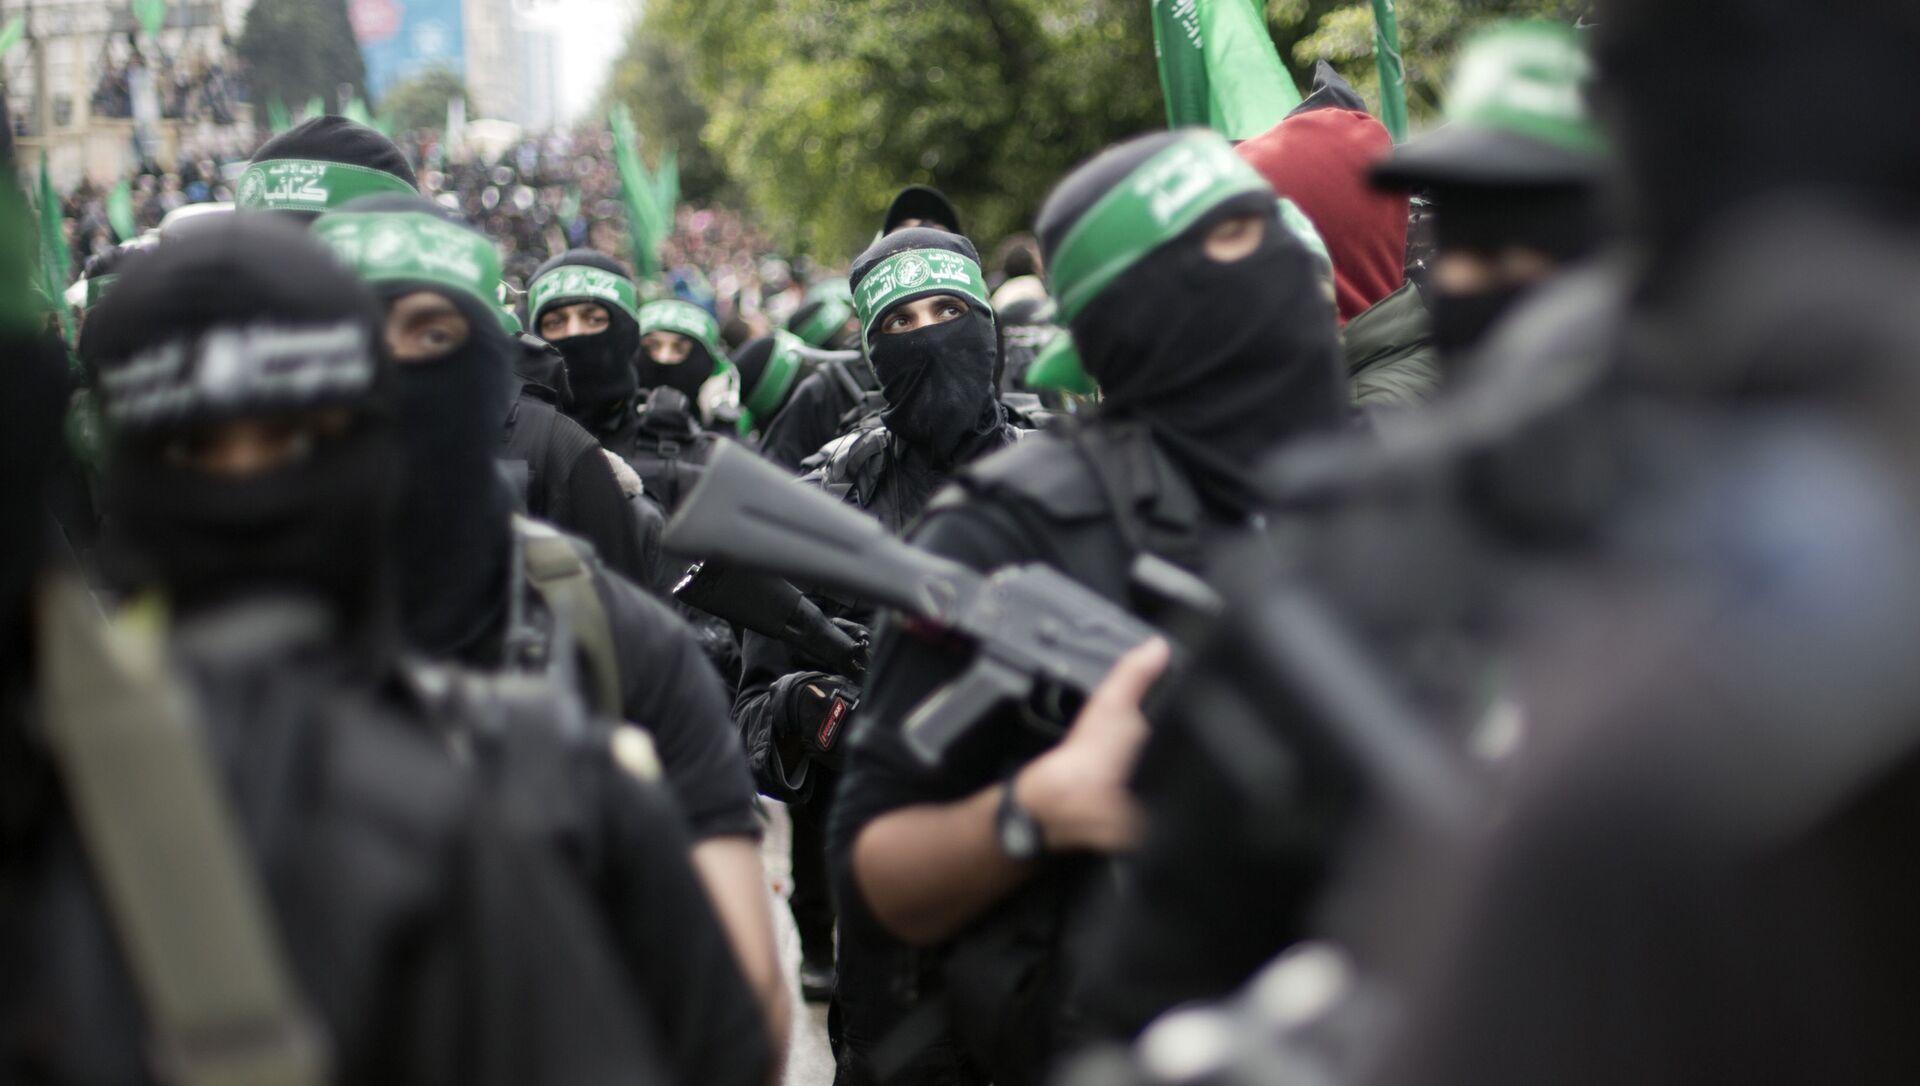 Члены палестинской группировки Хамас на митинге - Sputnik 日本, 1920, 21.05.2021